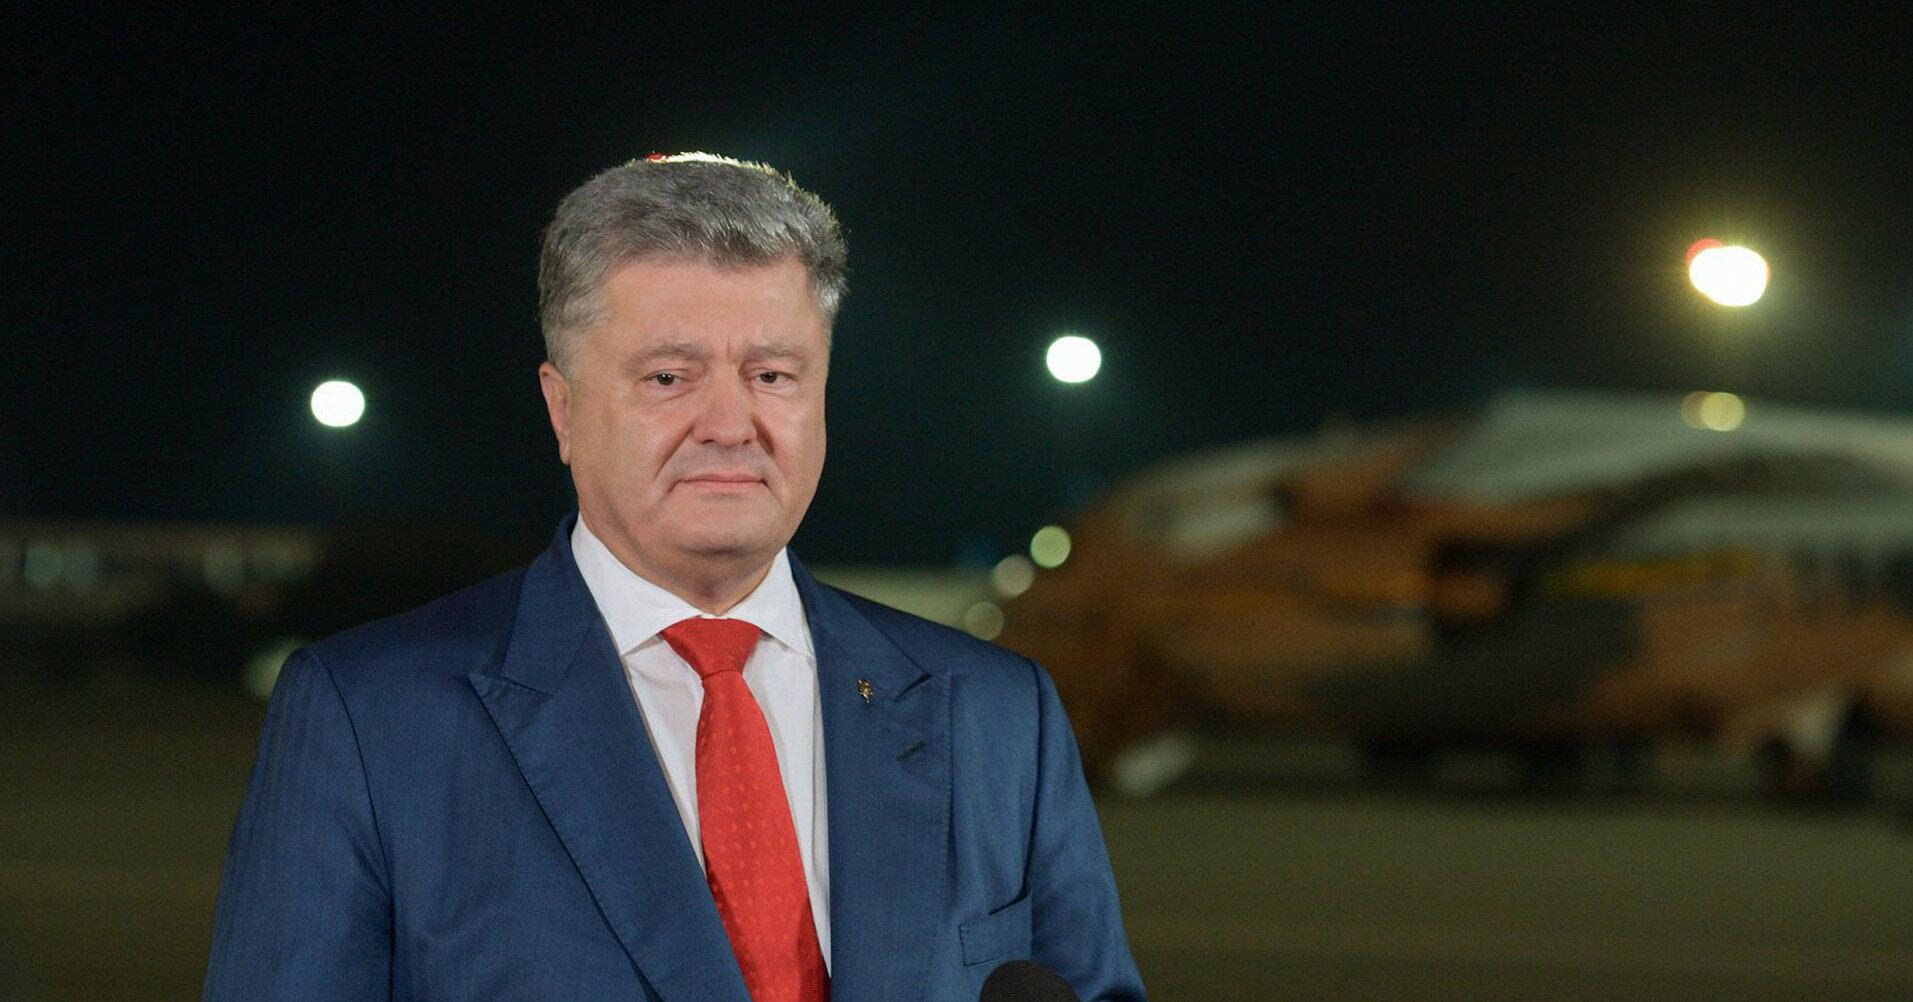 Порошенко получил более 600 тыс. грн от Международного инвестбанка